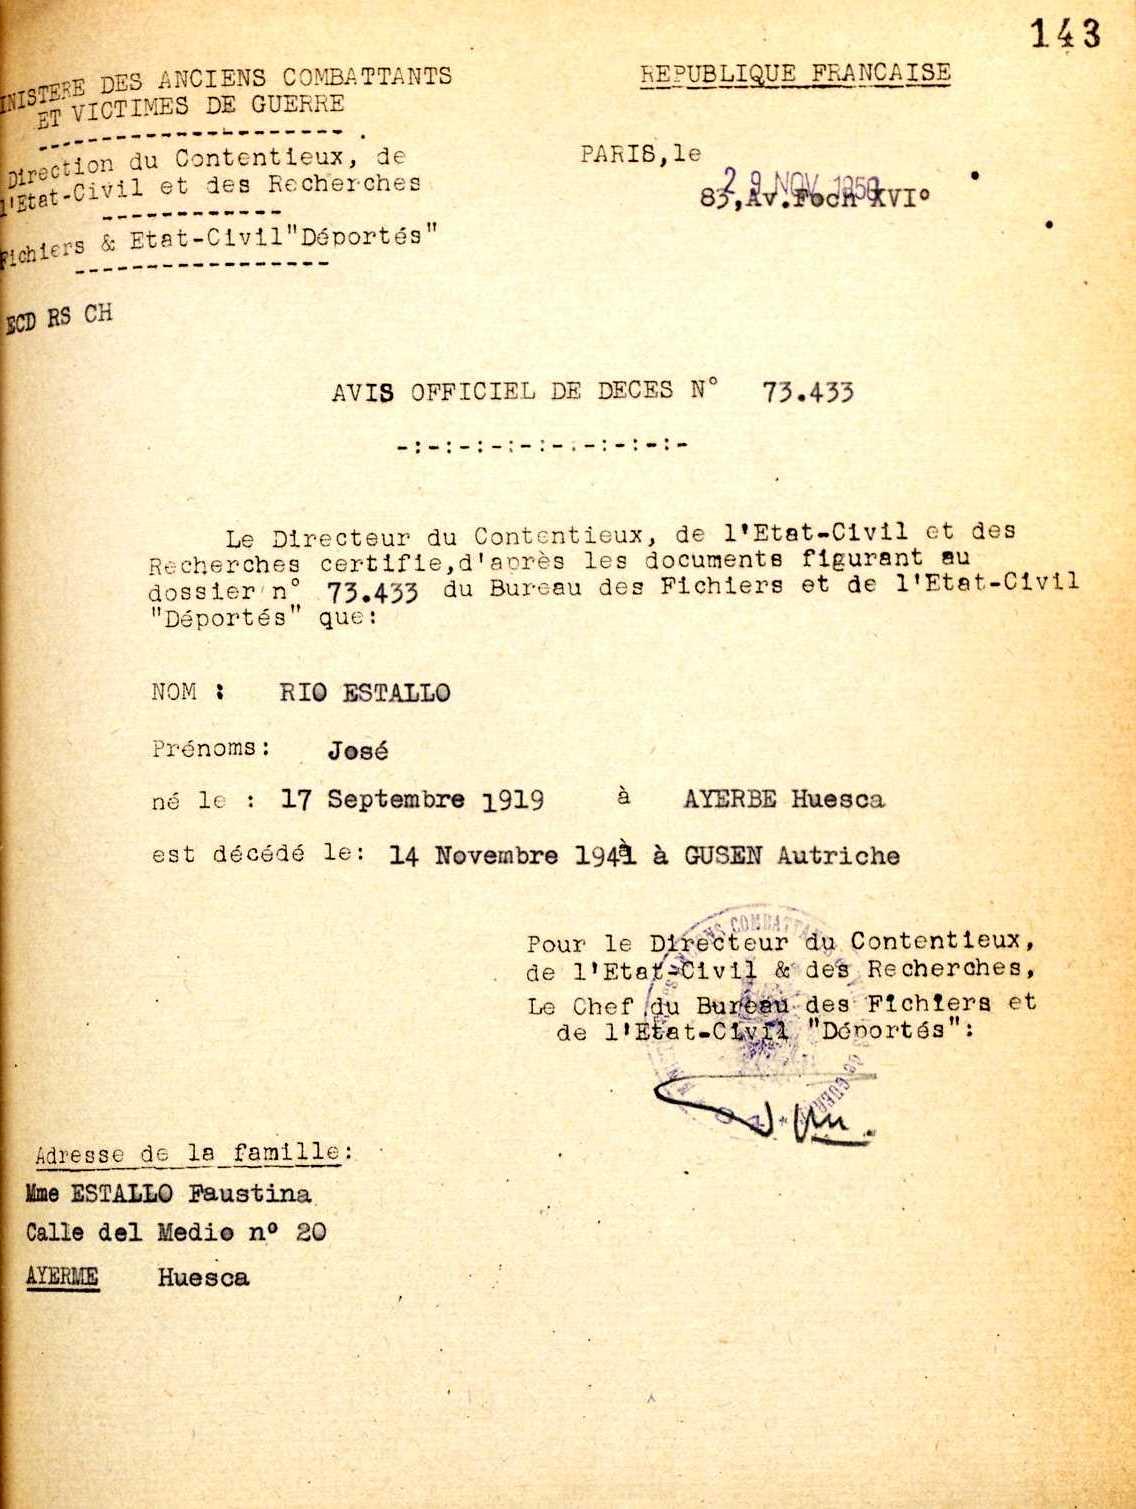 Registre de defunció de José Río Estallo